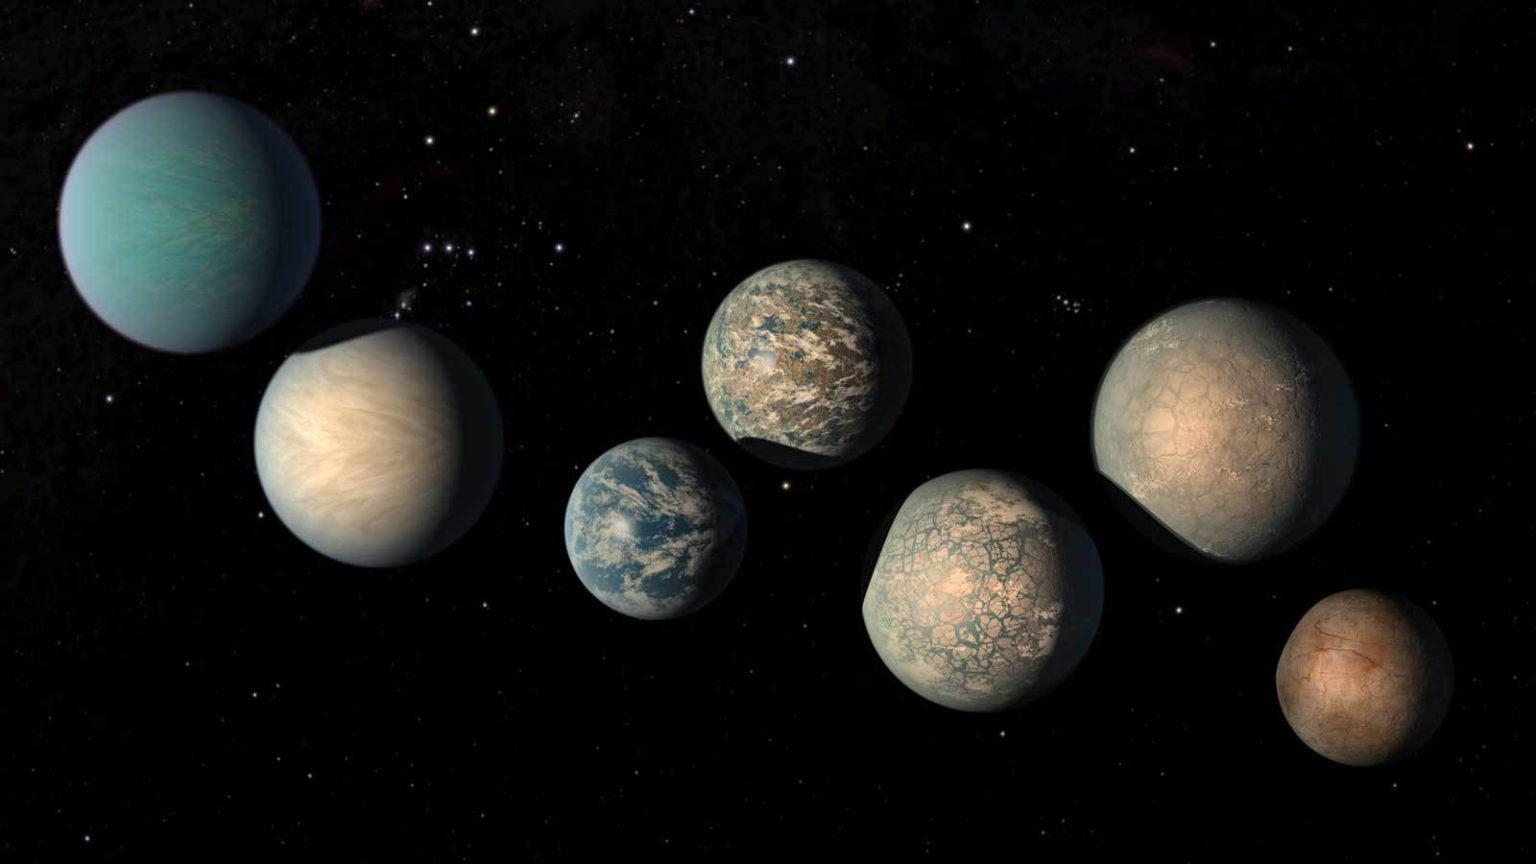 Список потенциально жизнепригодных экзопланет — википедия. что такое список потенциально жизнепригодных экзопланет